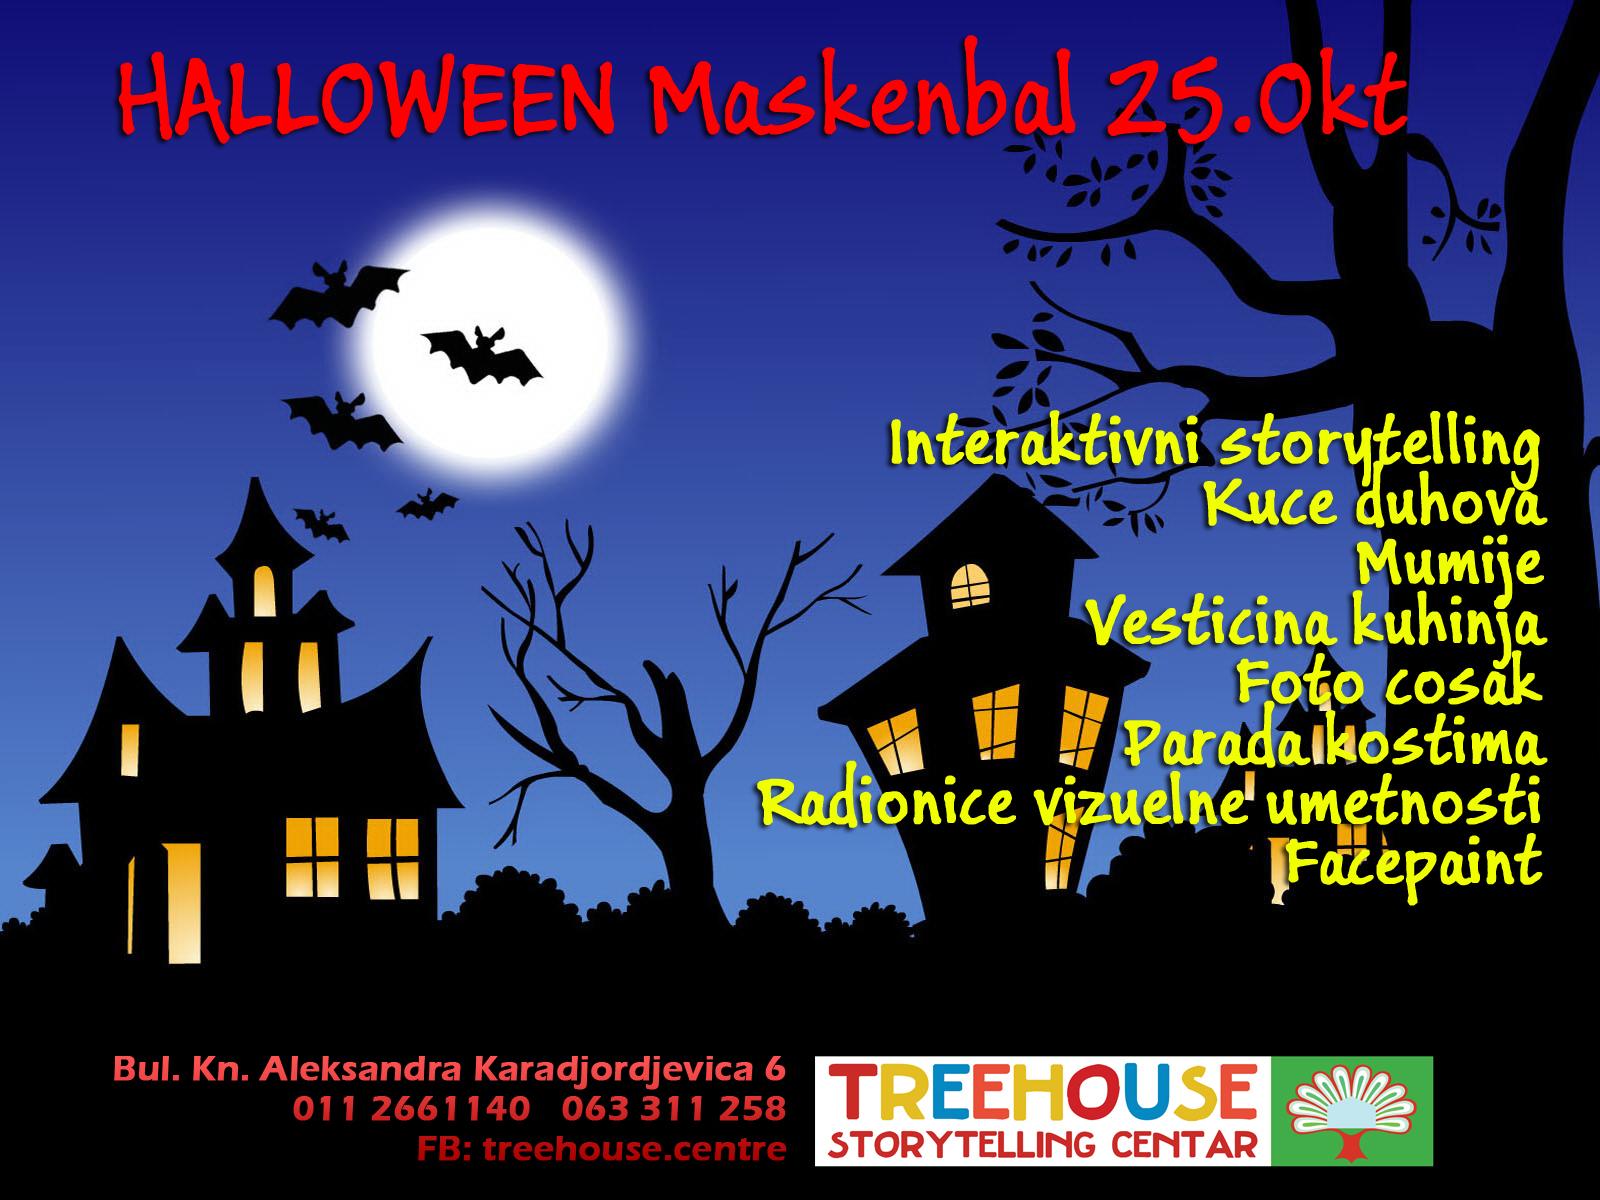 http://www.treehousesc.com/wp-content/uploads/2015/10/SUNDAY-Halloween-poster.jpg